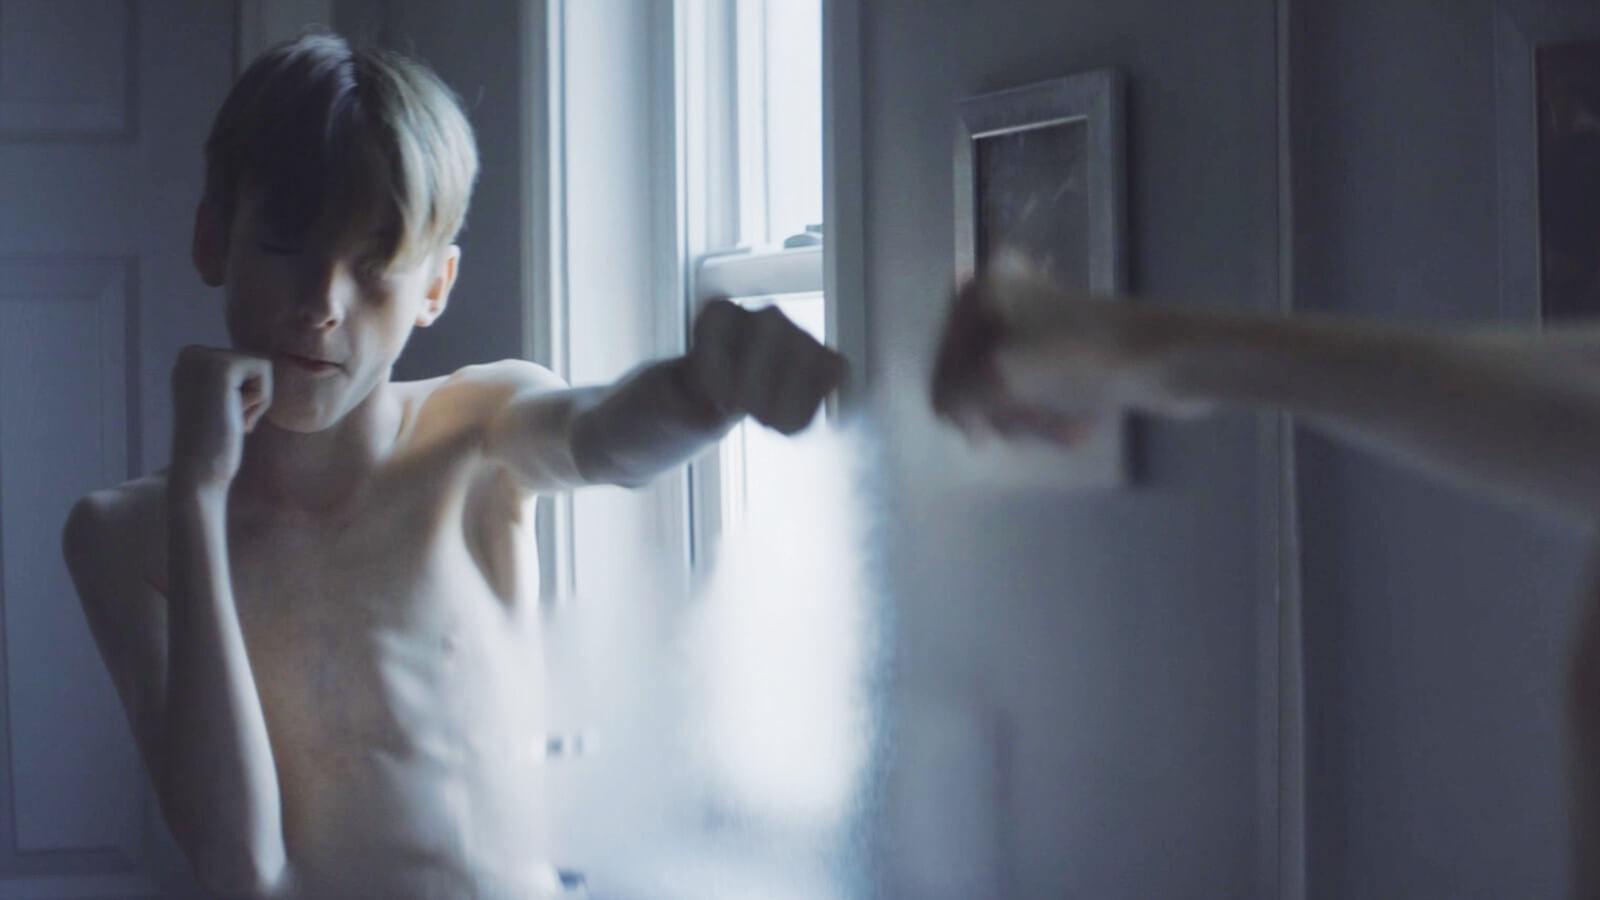 Image Still from Short Film 'Balloon'